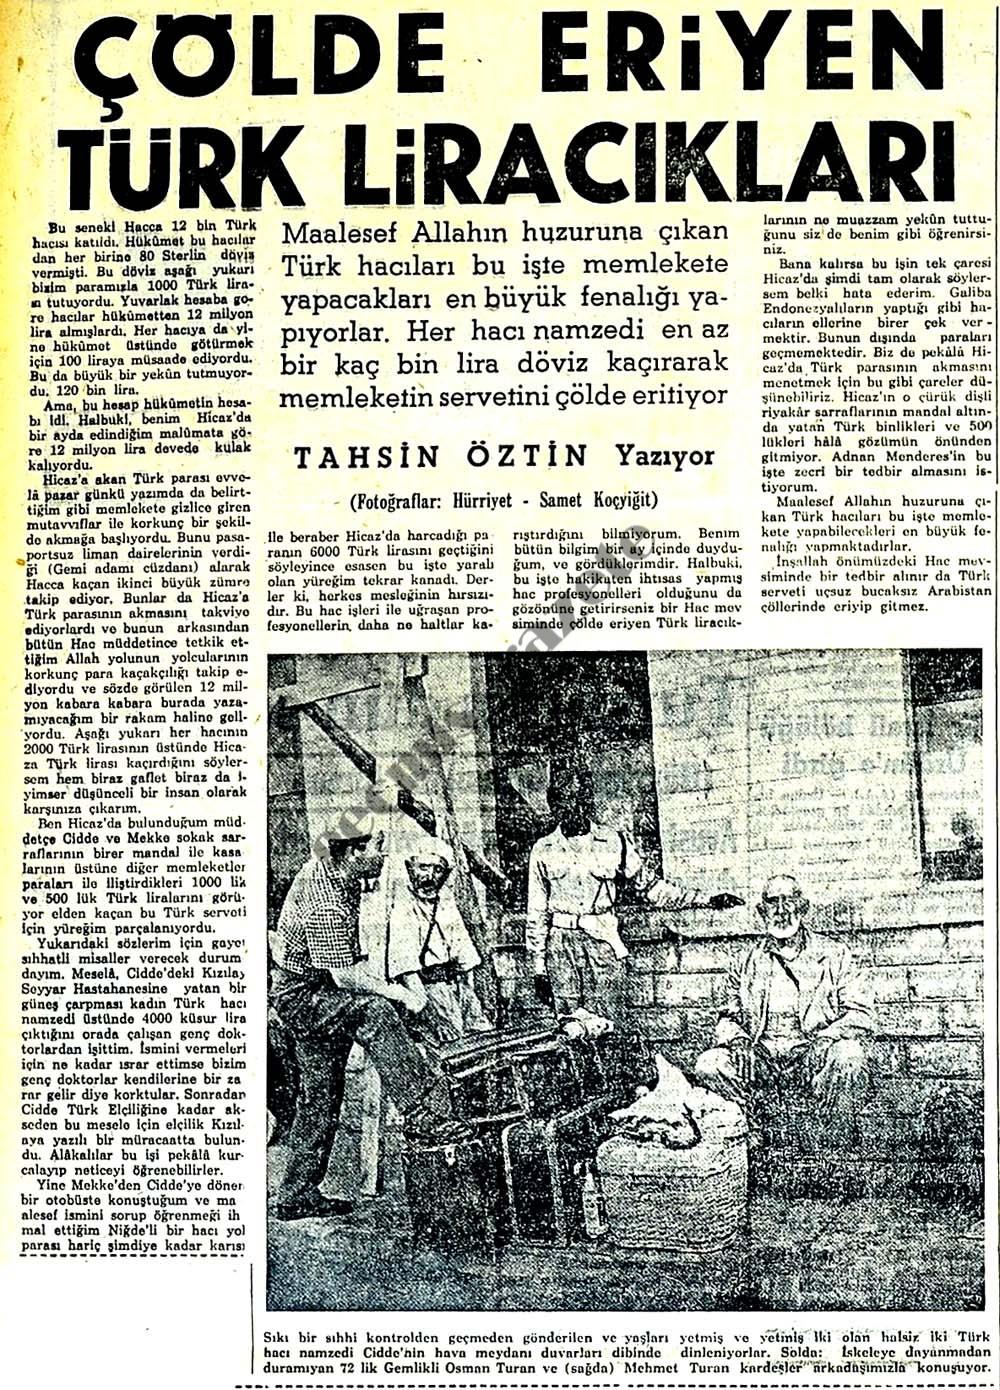 Çölde eriyen Türk Liracıkları